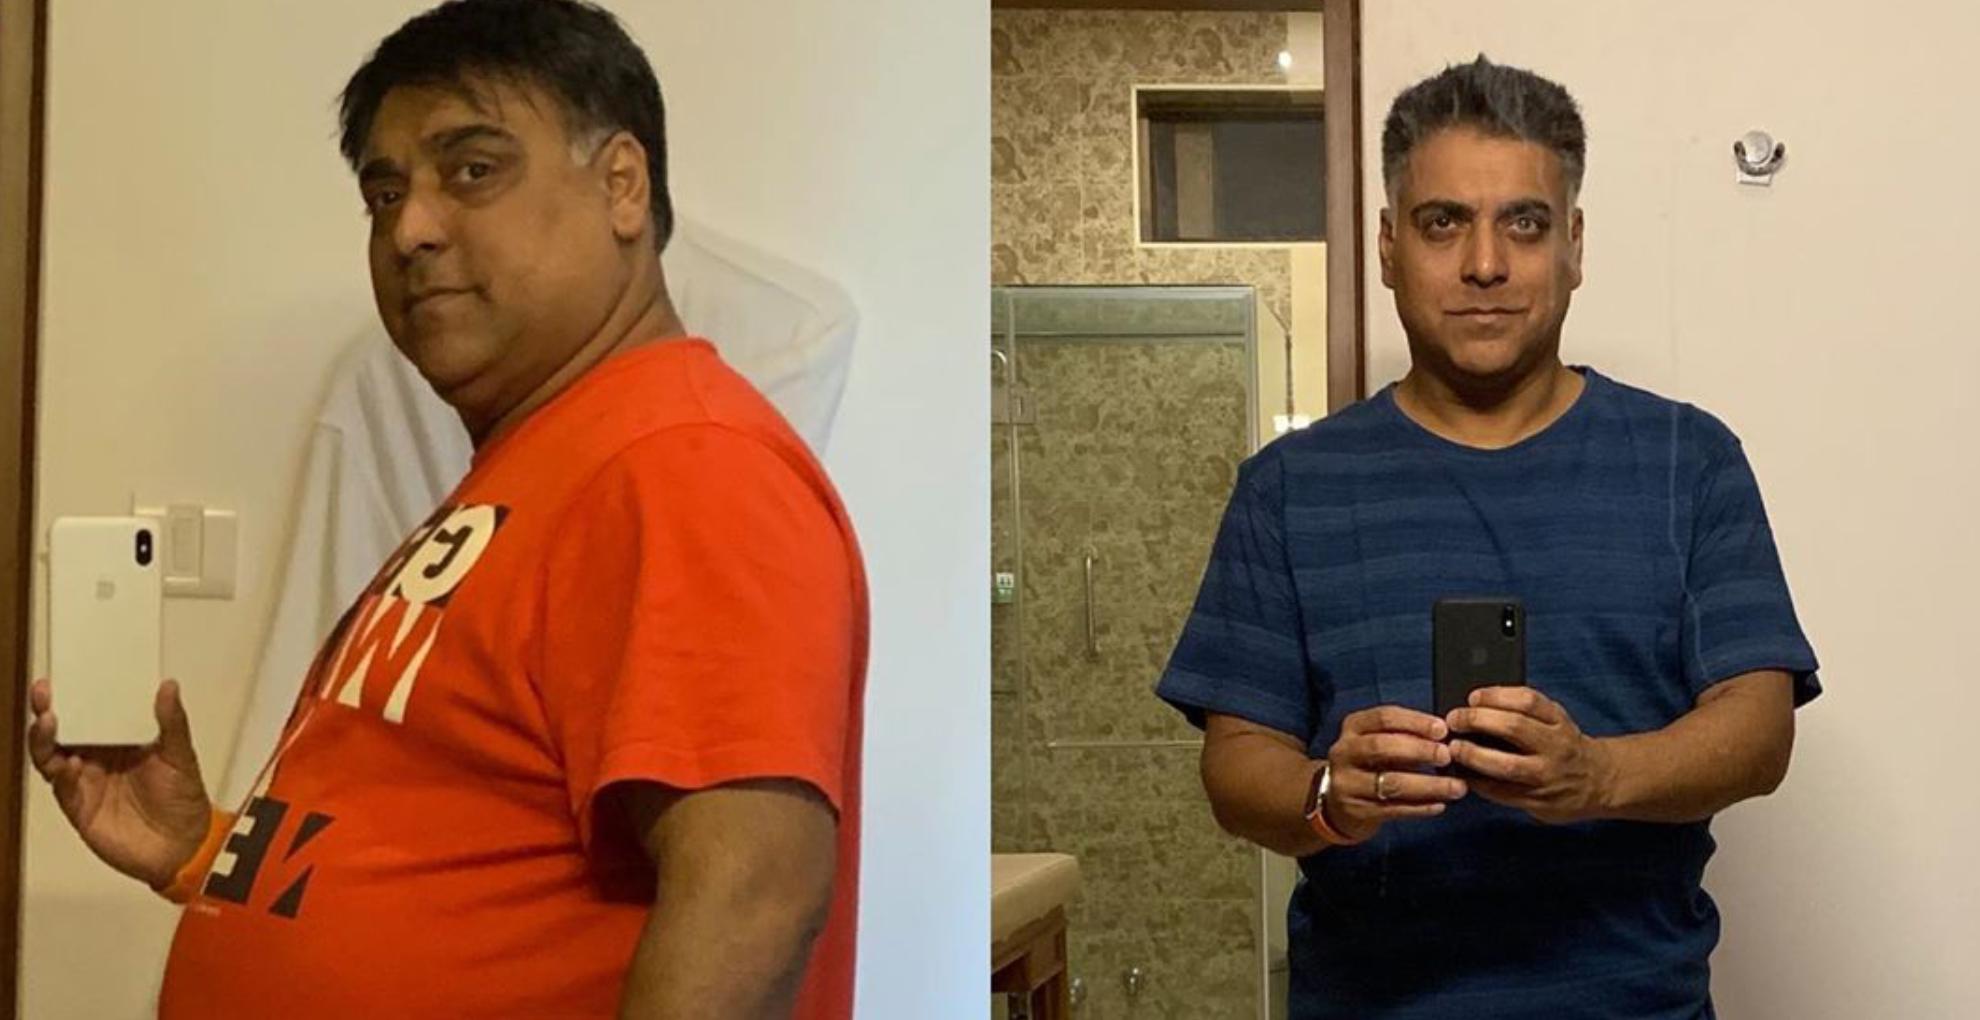 Weight Loss Tips: राम कपूर ने ऐसे किया 30 किलो वजन कम, आप भी हो सकते हैं एक्टर की तरह फैट से फिट